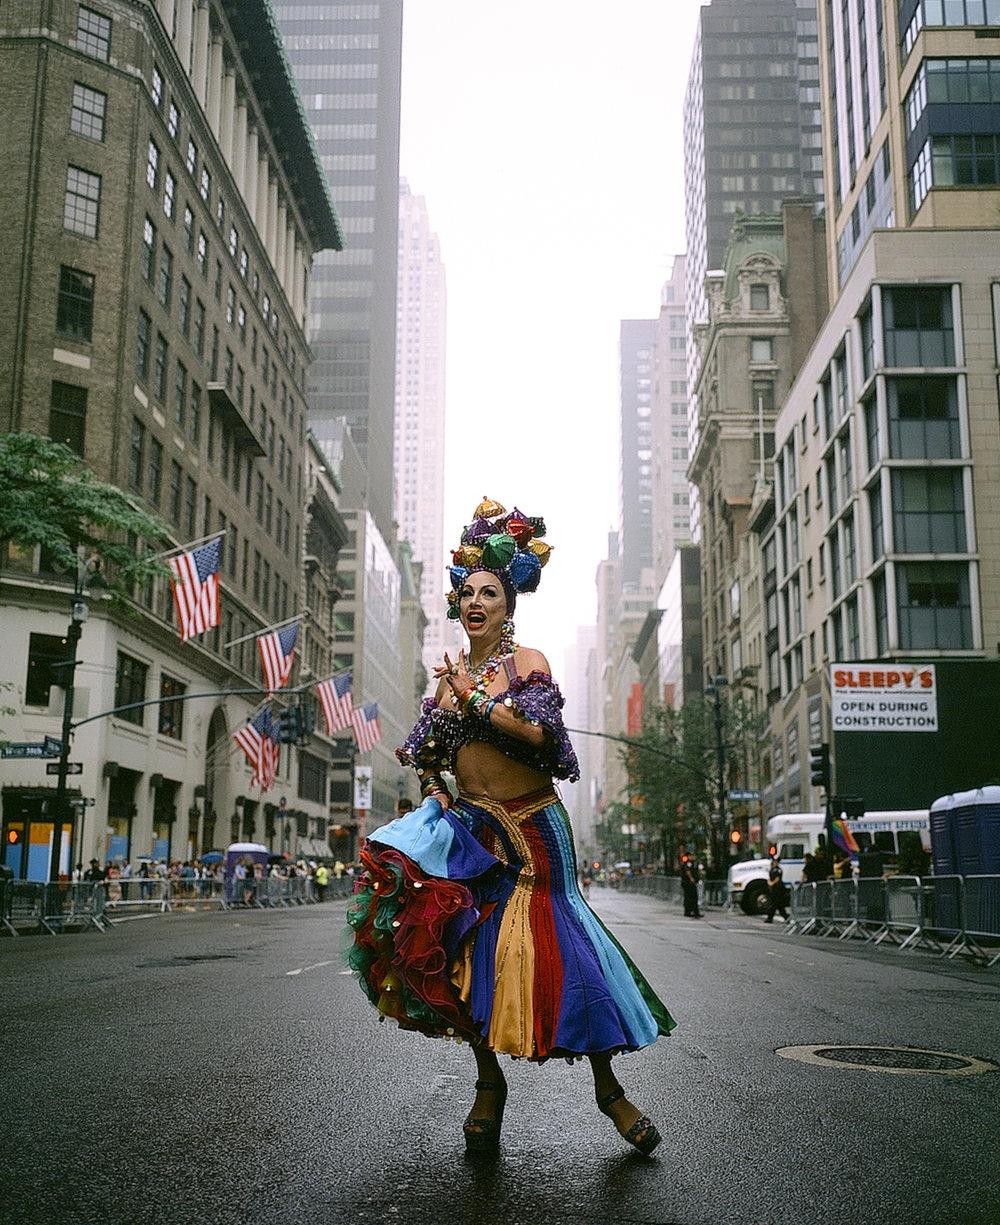 New York, NY - 2015